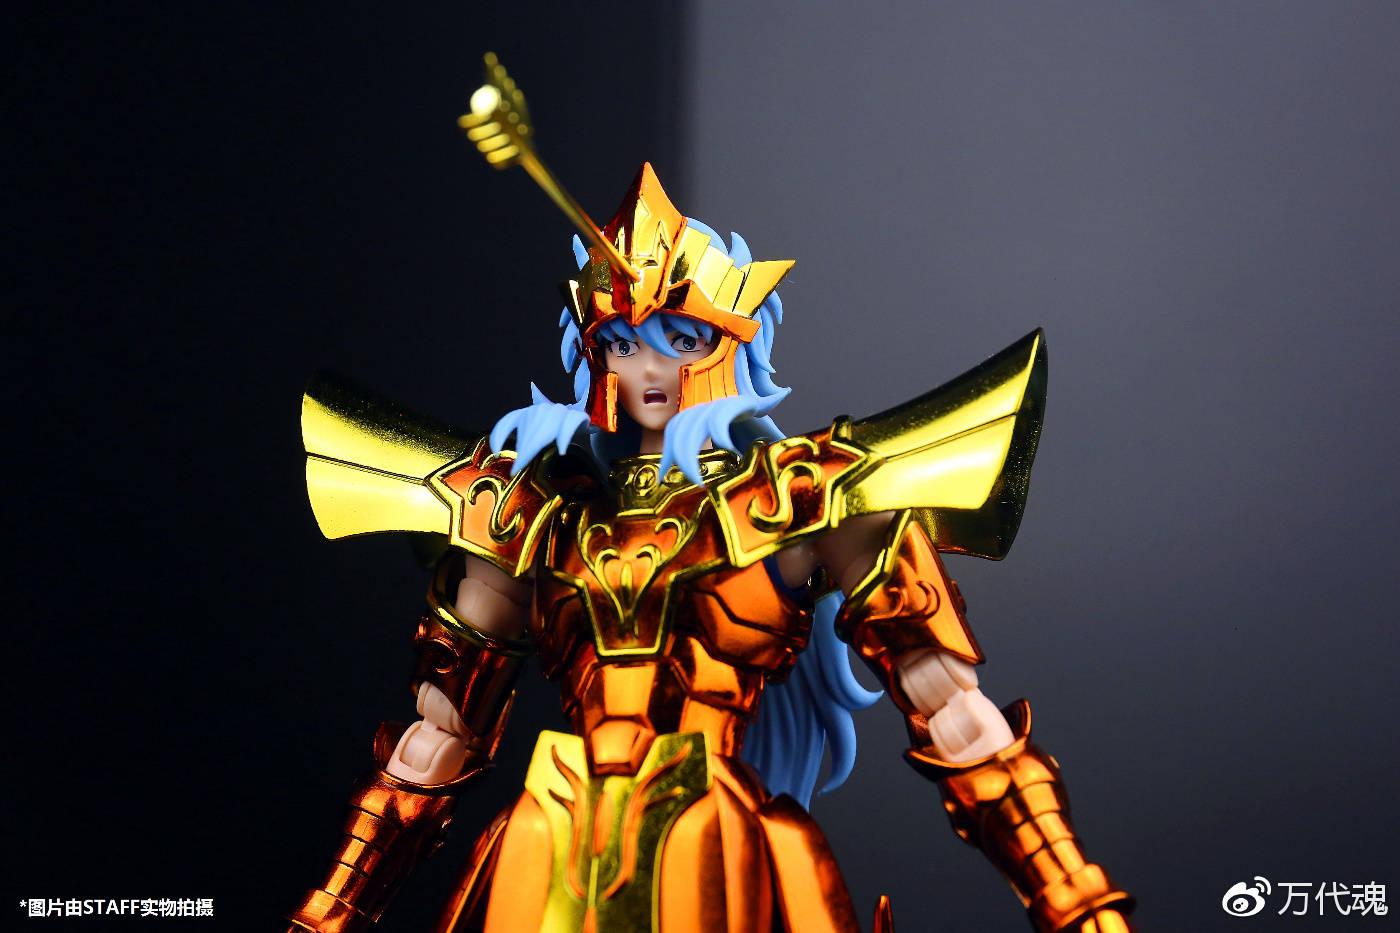 [Comentários] Saint Cloth Myth EX - Poseidon EX & Poseidon EX Imperial Throne Set - Página 2 2w1CuSFu_o